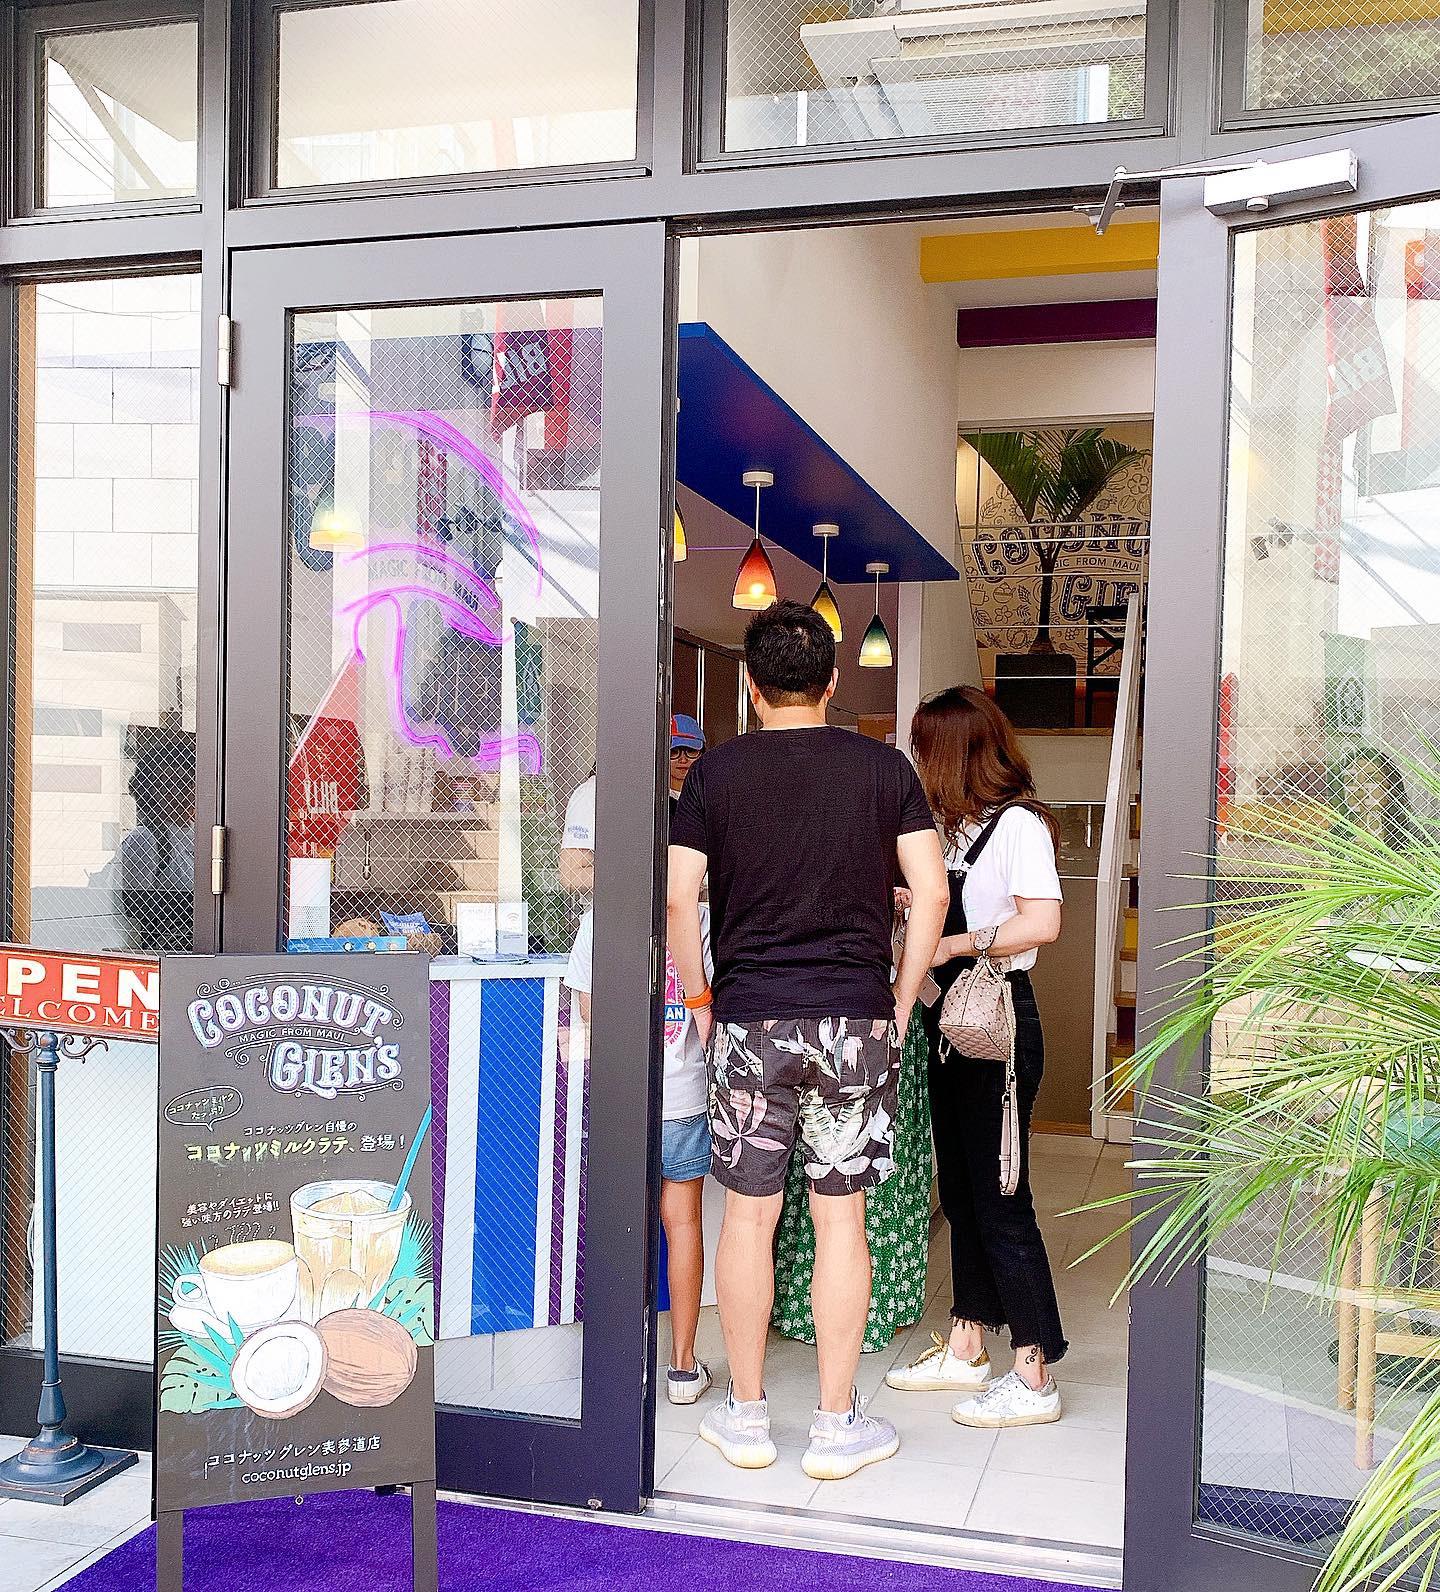 【表参道】元ミシュランスターシェフが手掛けるハワイで有名なオーガニックアイスが上陸【ココナッツグレン】_2